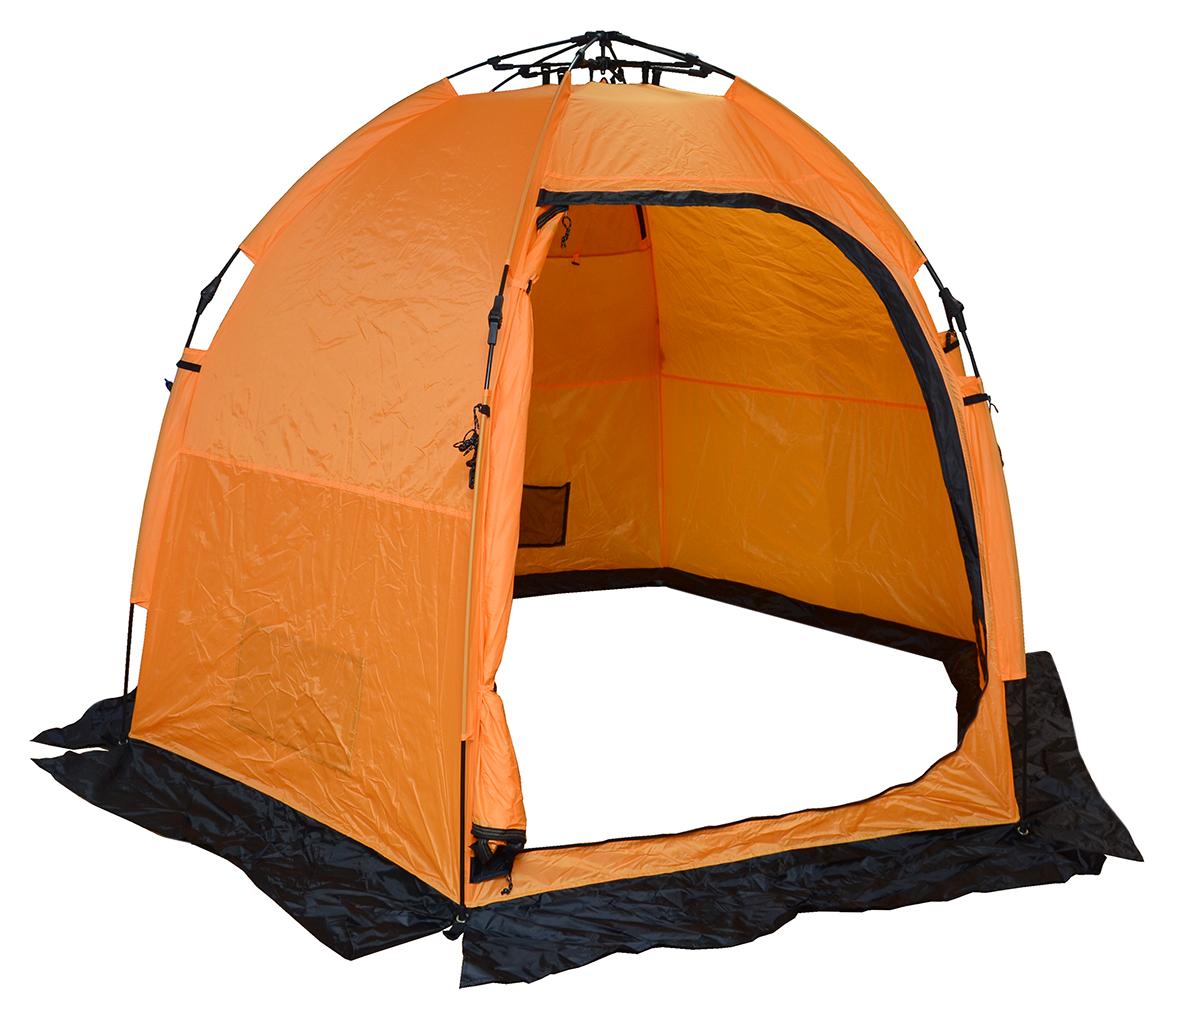 """Палатка """"ВЬЮГА-2"""" (Рыболов), 12шт буравчиков 640996 в комплекте"""